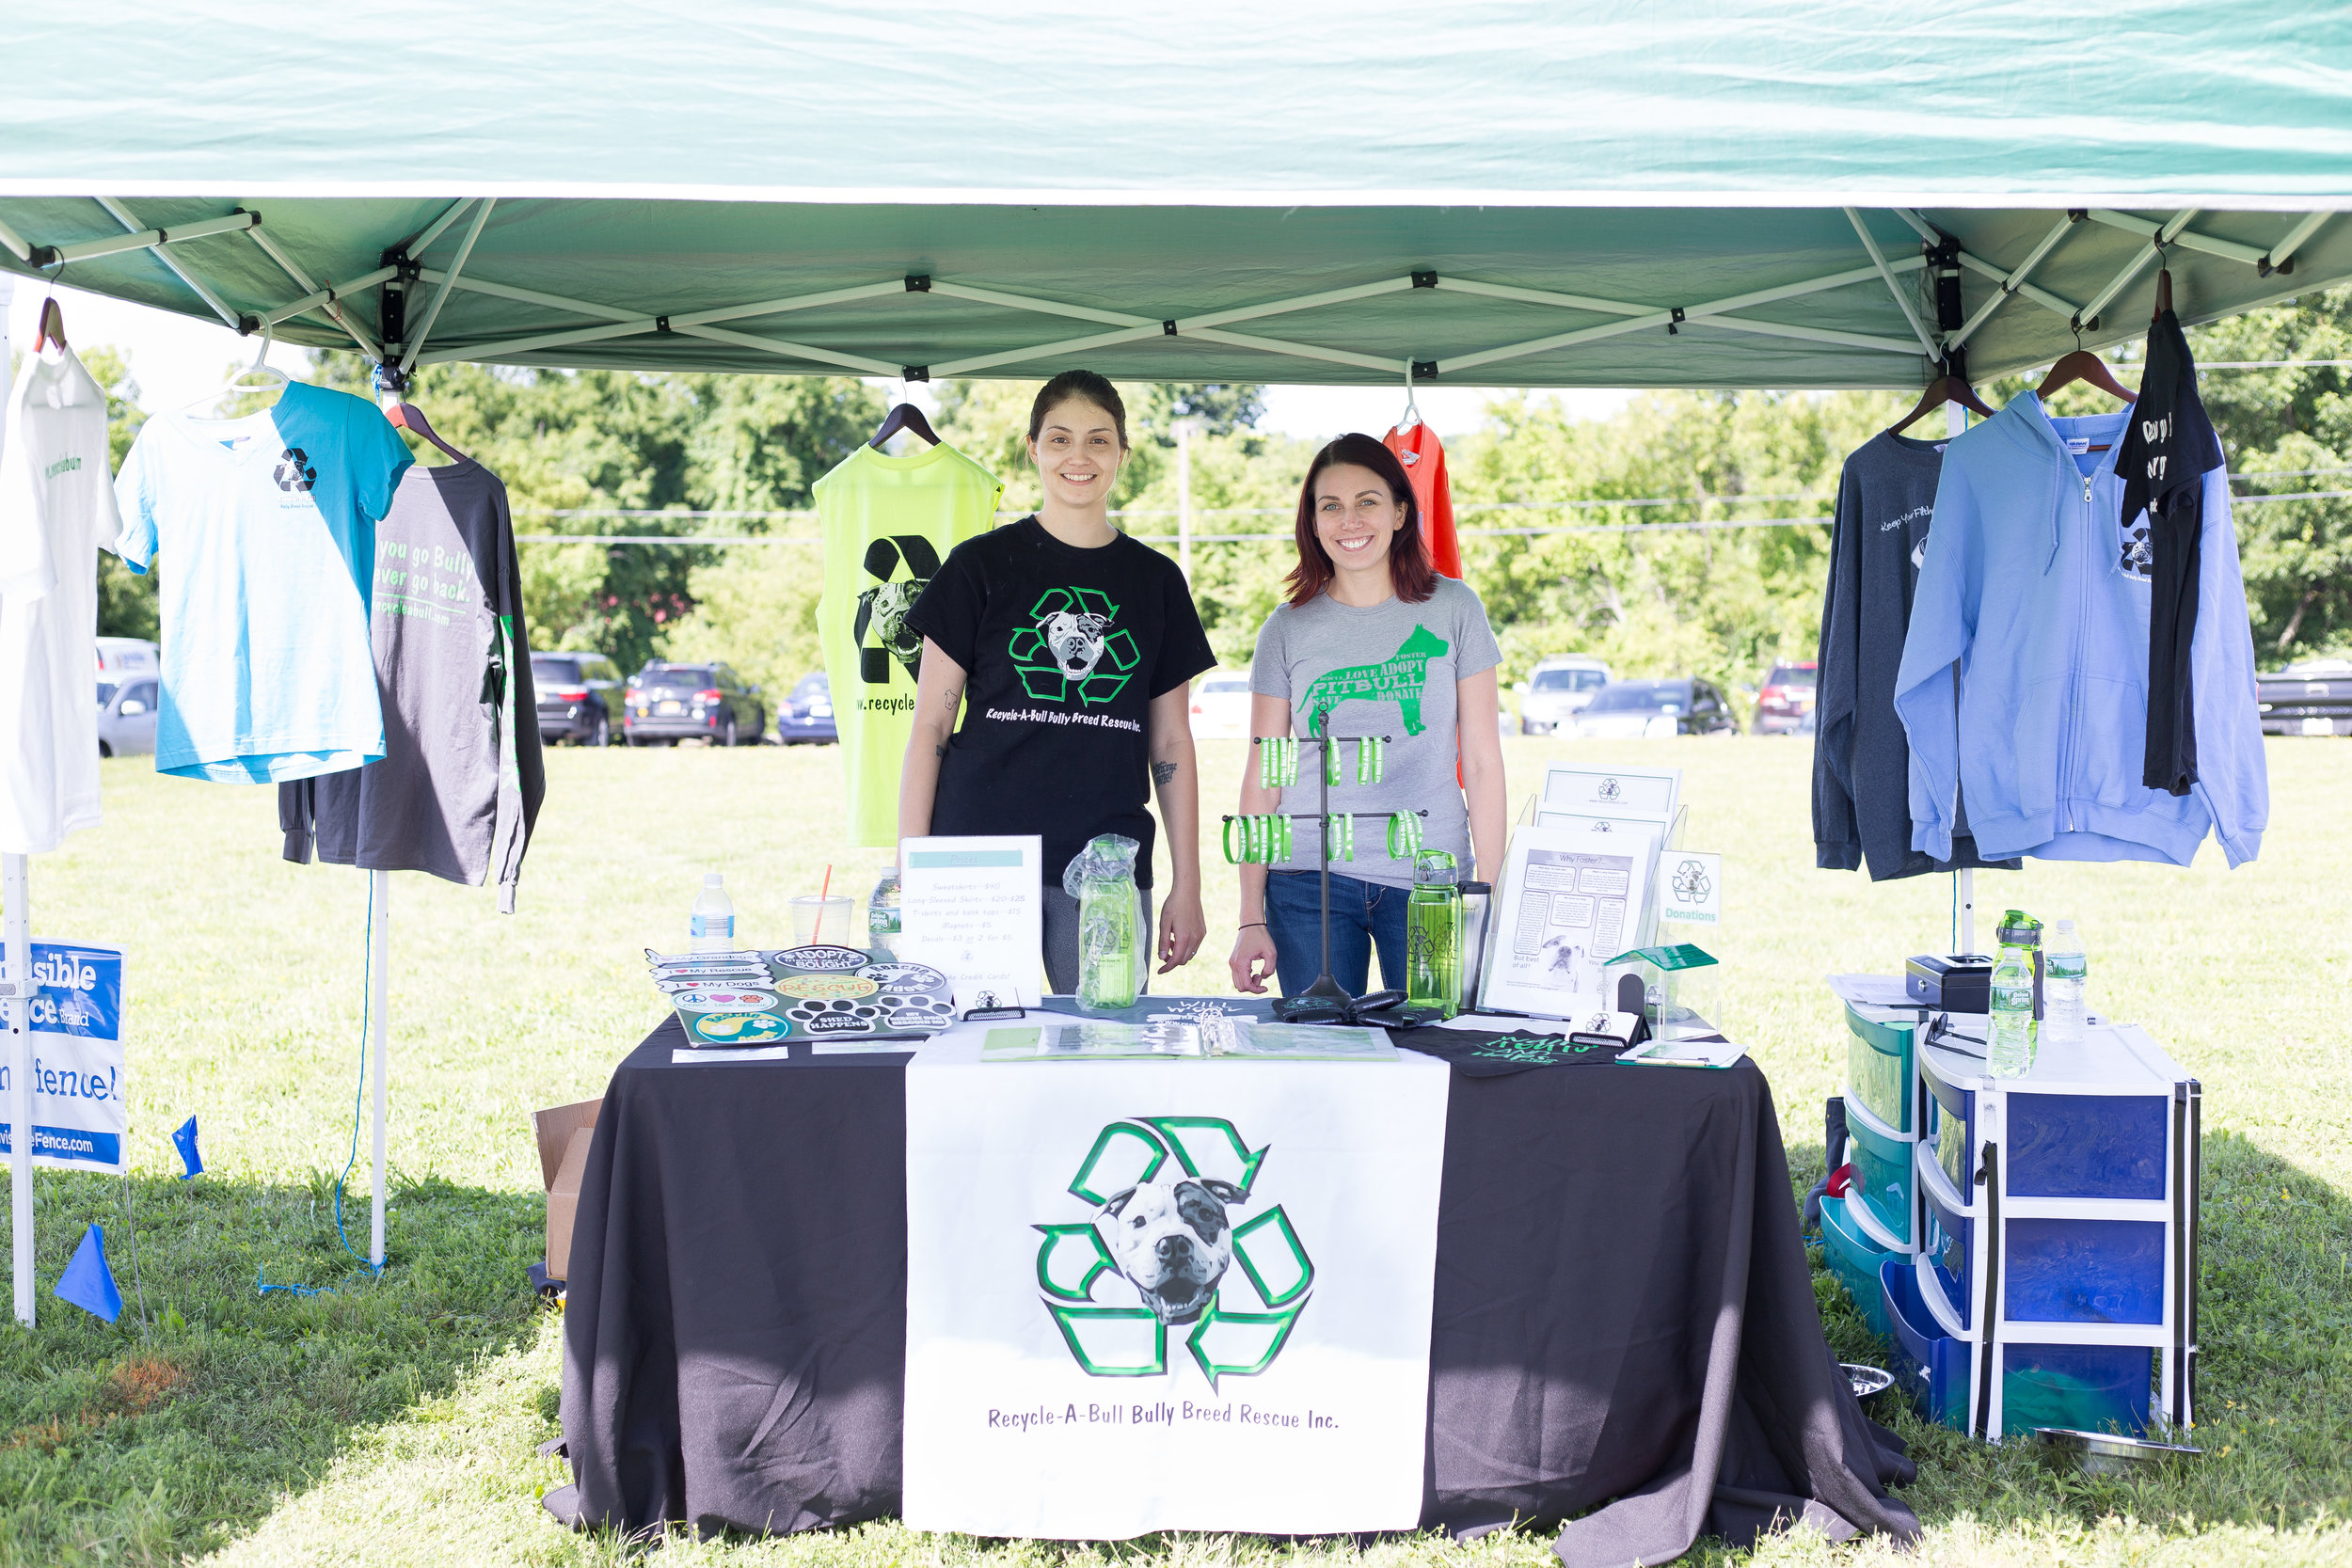 Recycle-A-Bull Bully Breed Rescue, Inc - Clay, NY